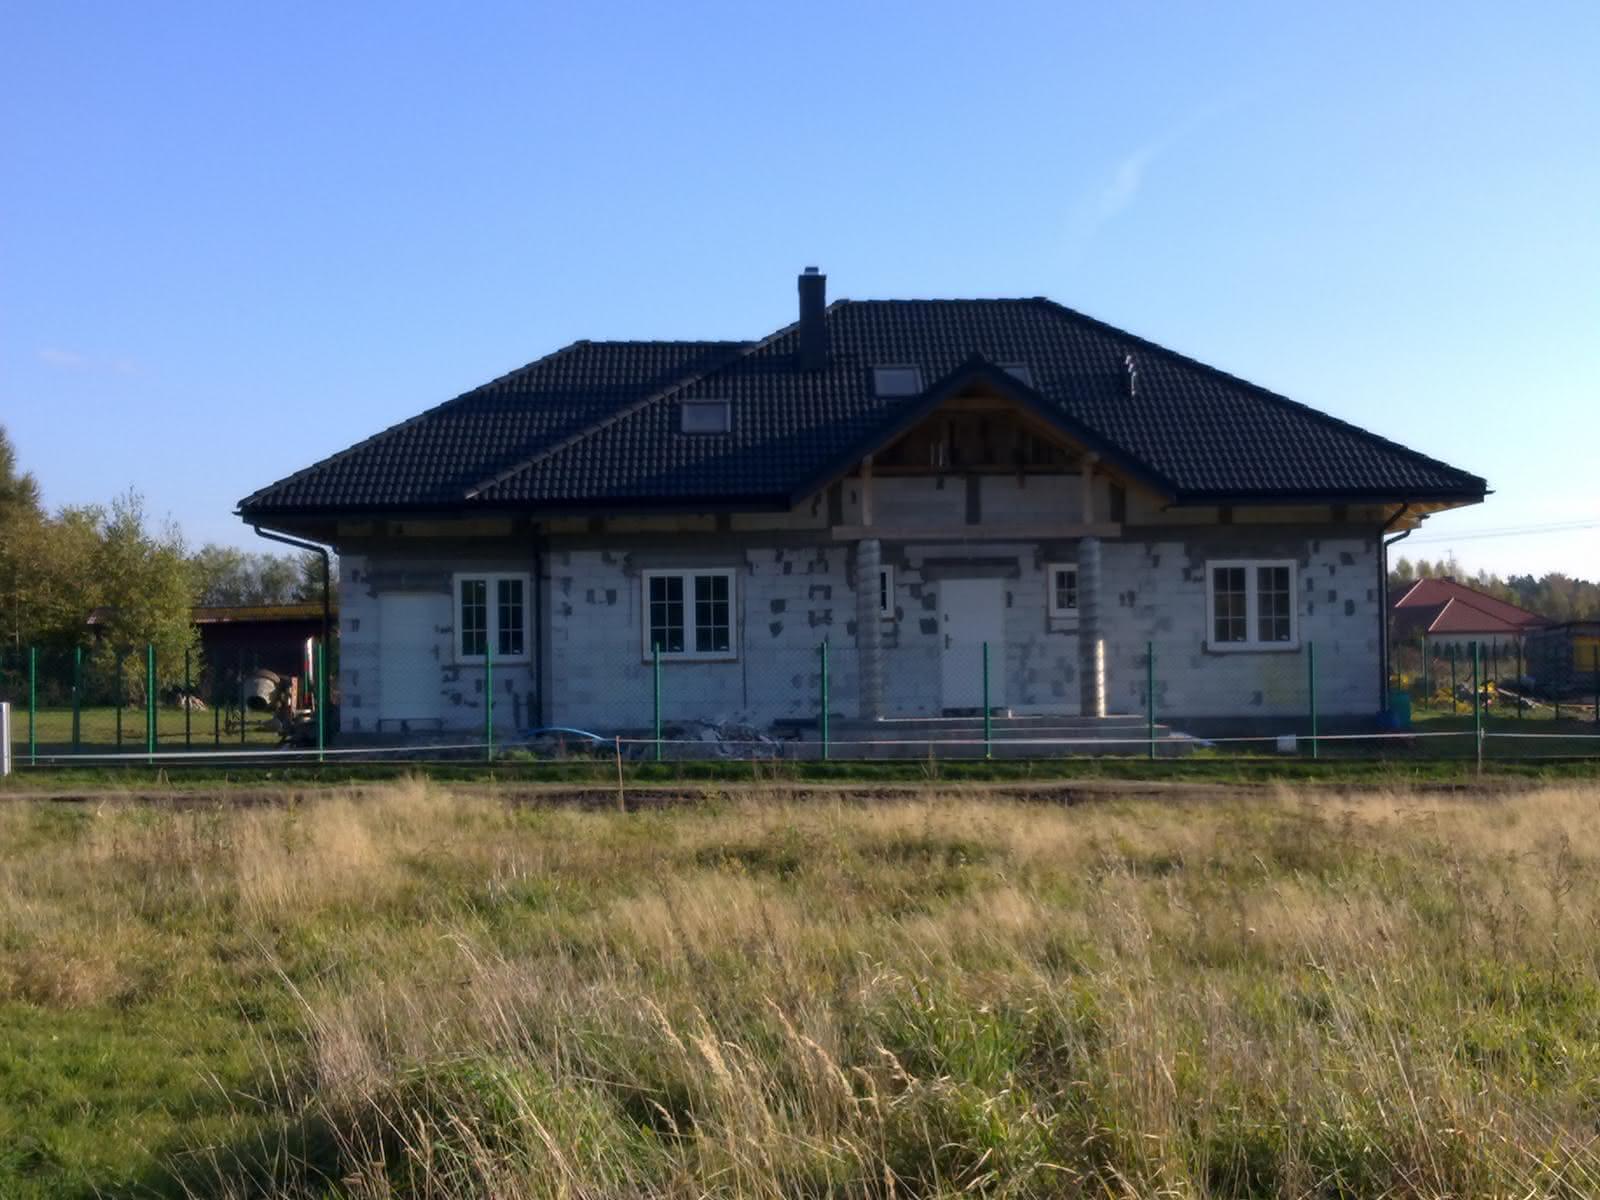 Dom pod Jarzabem(Archon)